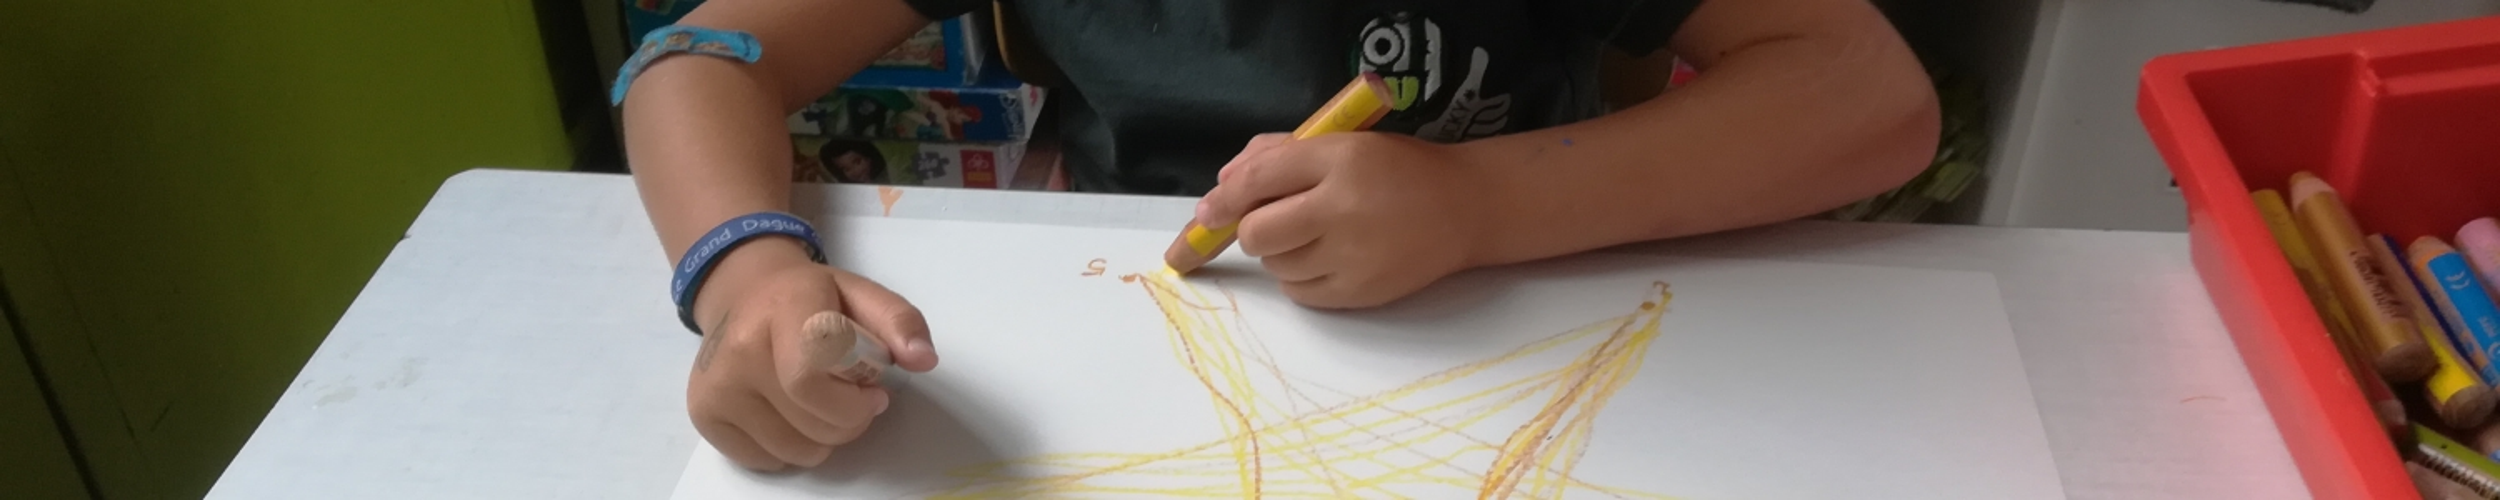 Krullenbol